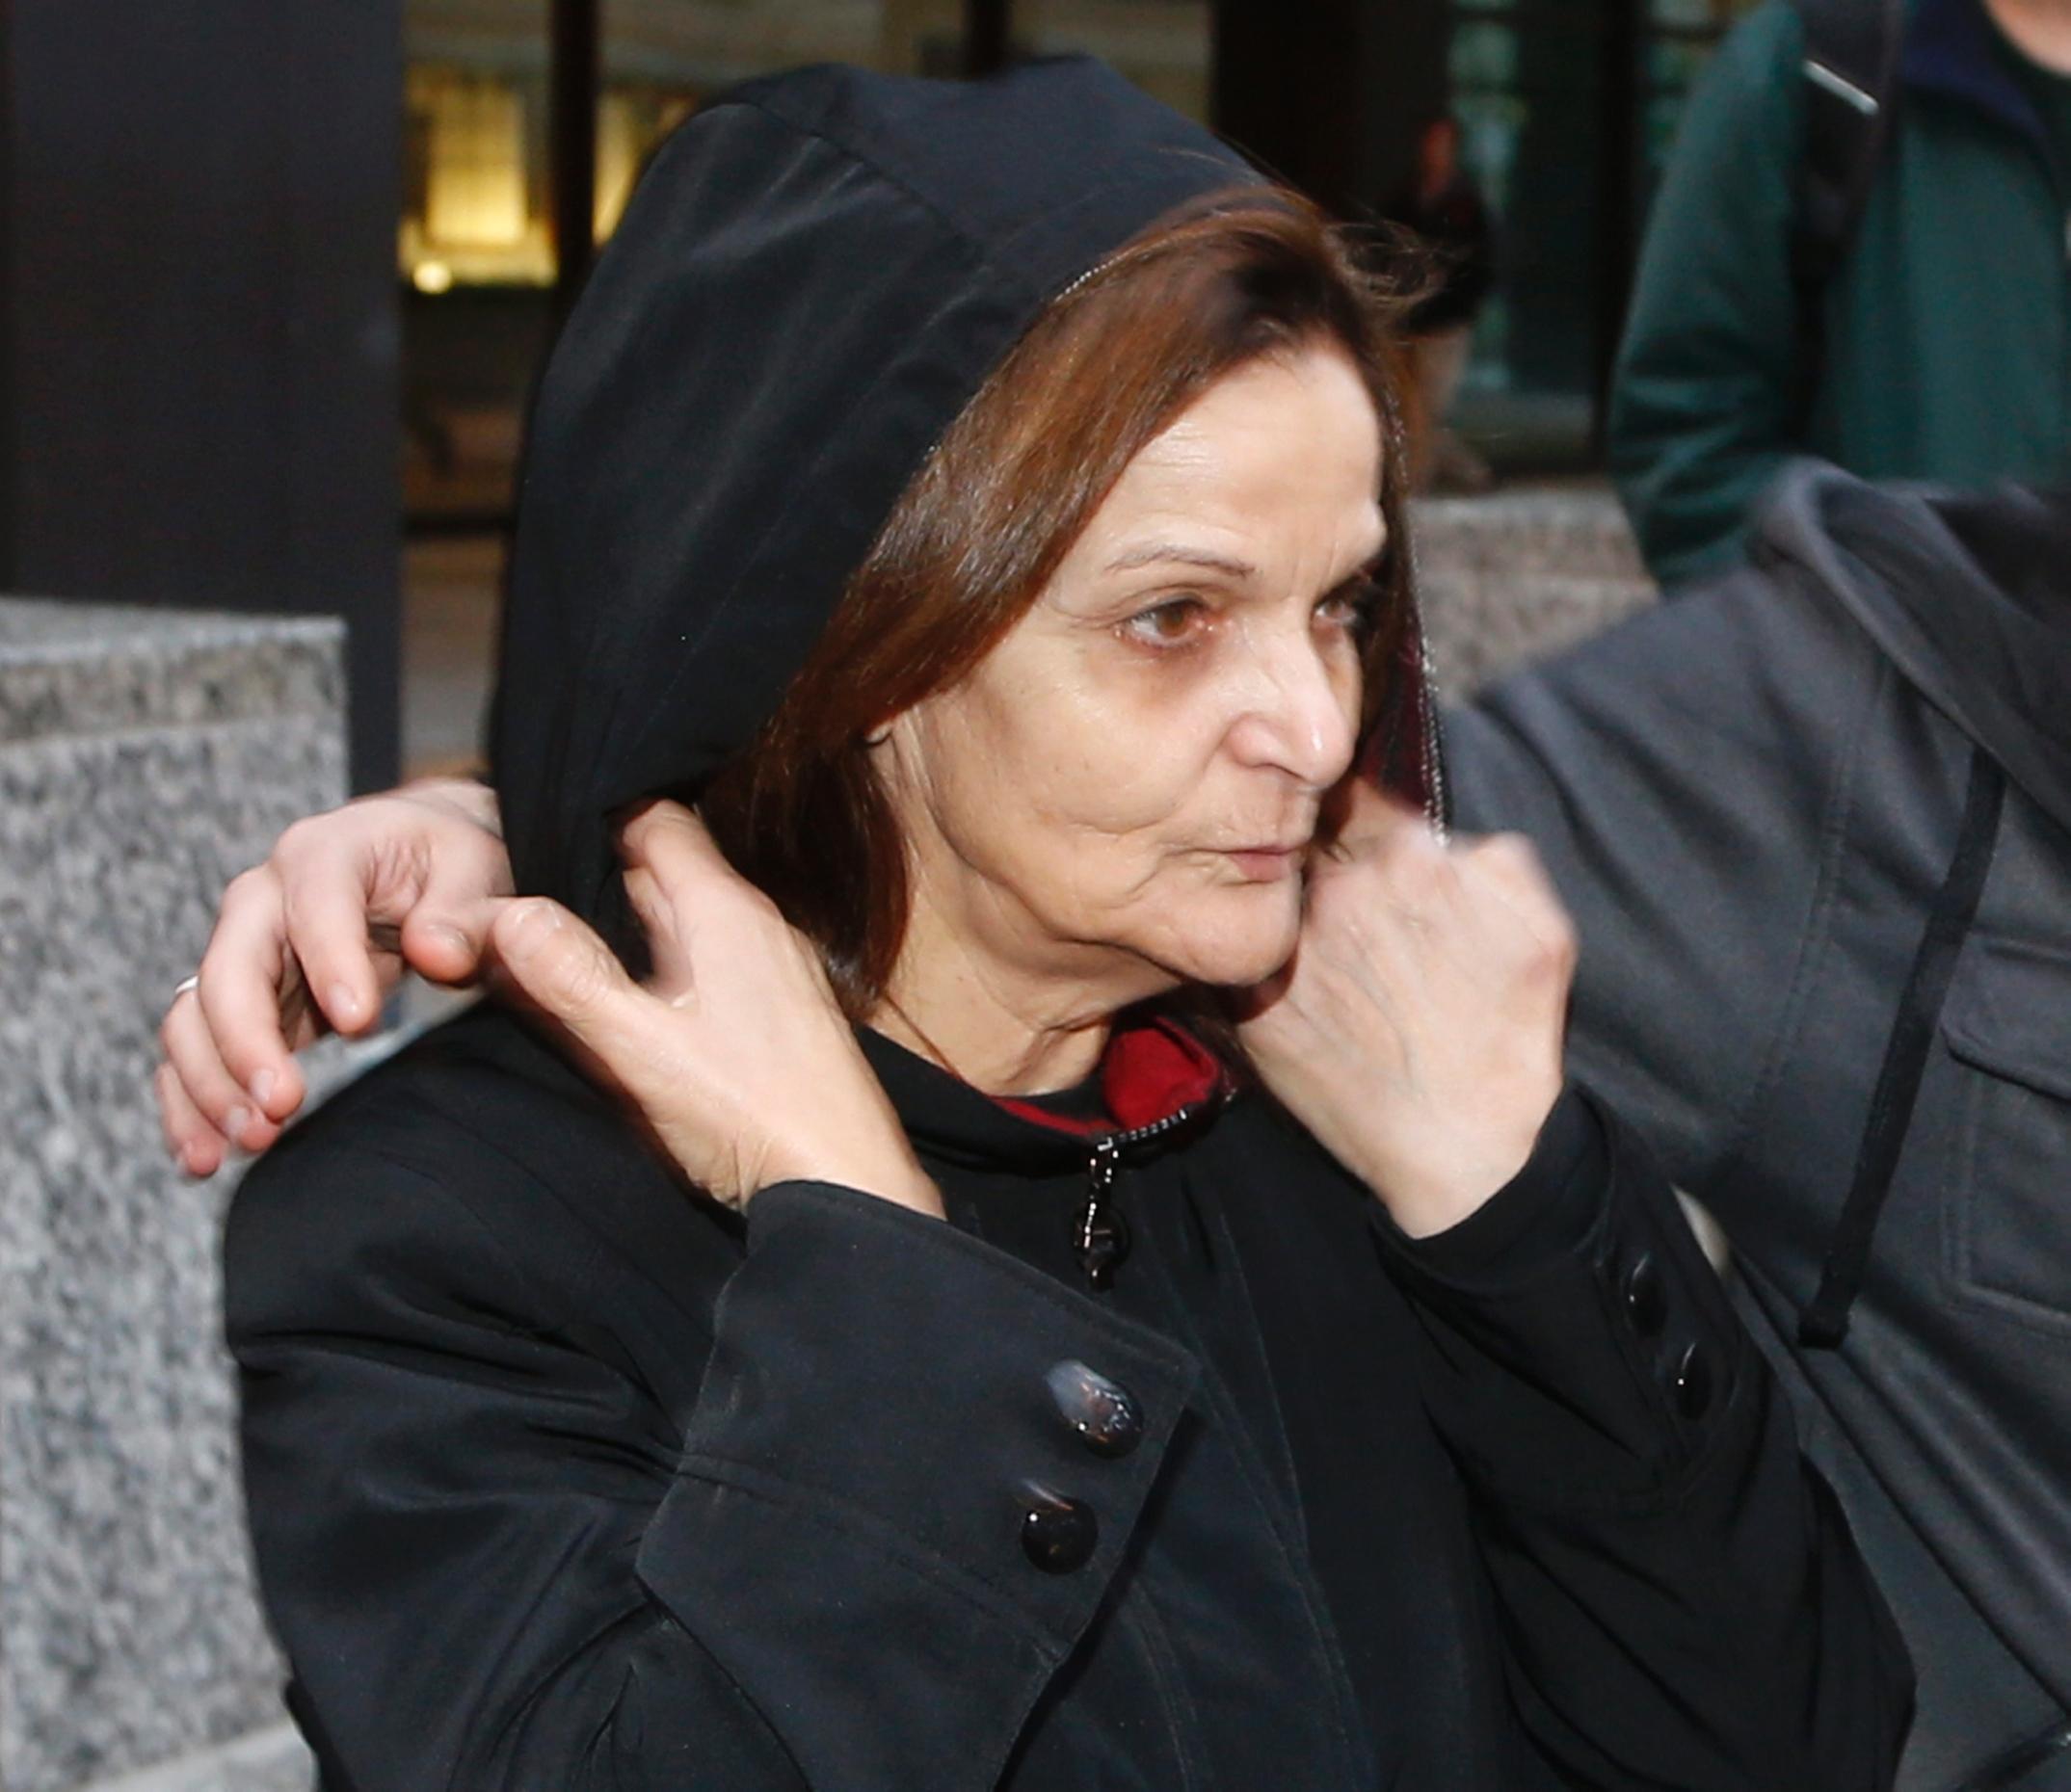 الأسيرة المحررة رسمية عودة ترفض صفقة ادعاء تقضي بهجرتها طوعا خلال ستة شهور من الولايات المتحدة